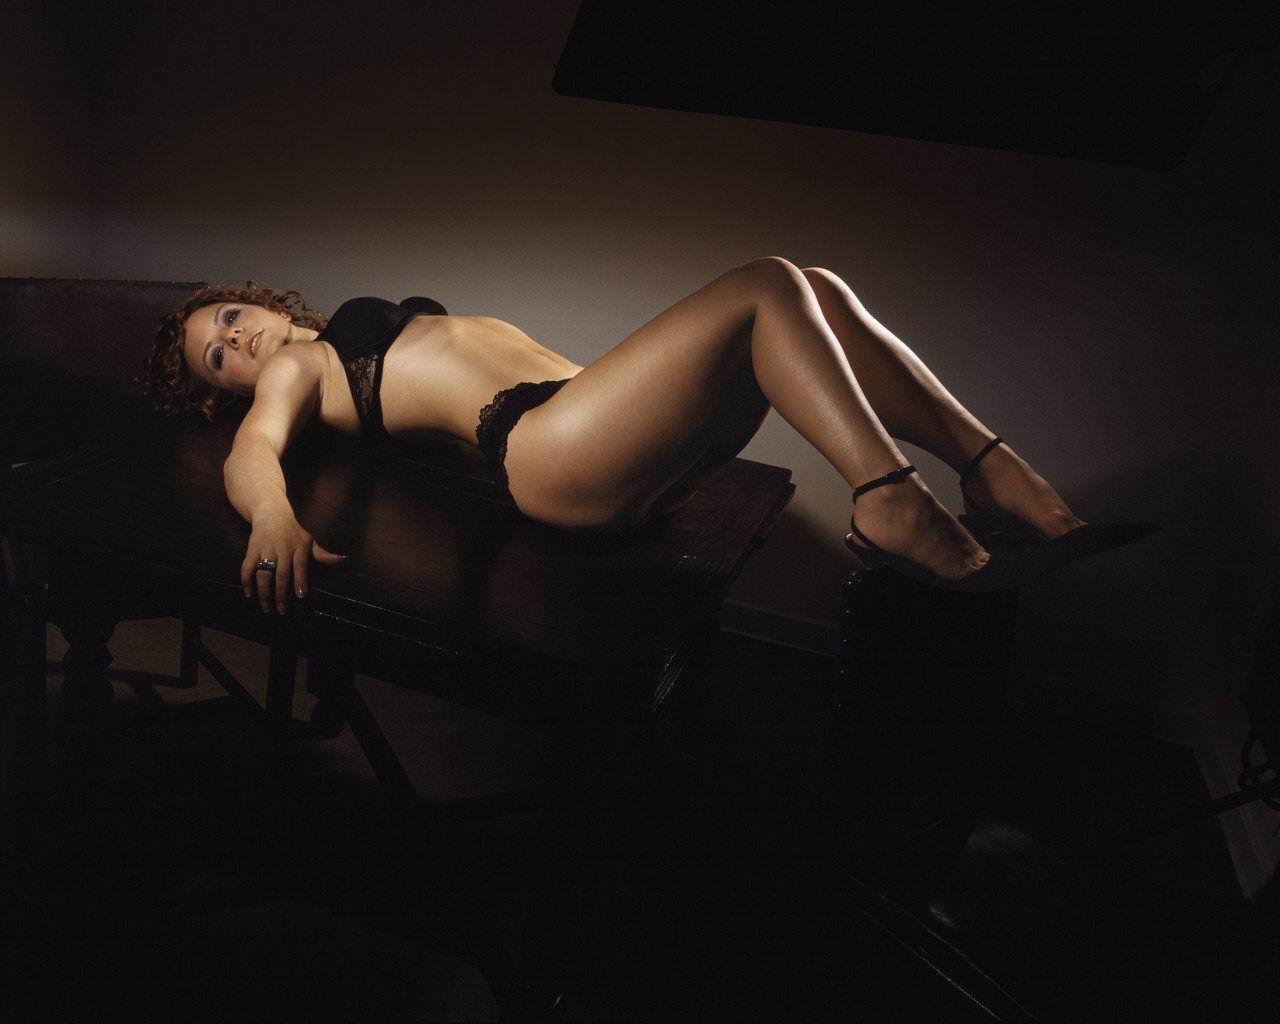 Nackt  von Jenna Oÿ Lauren graham